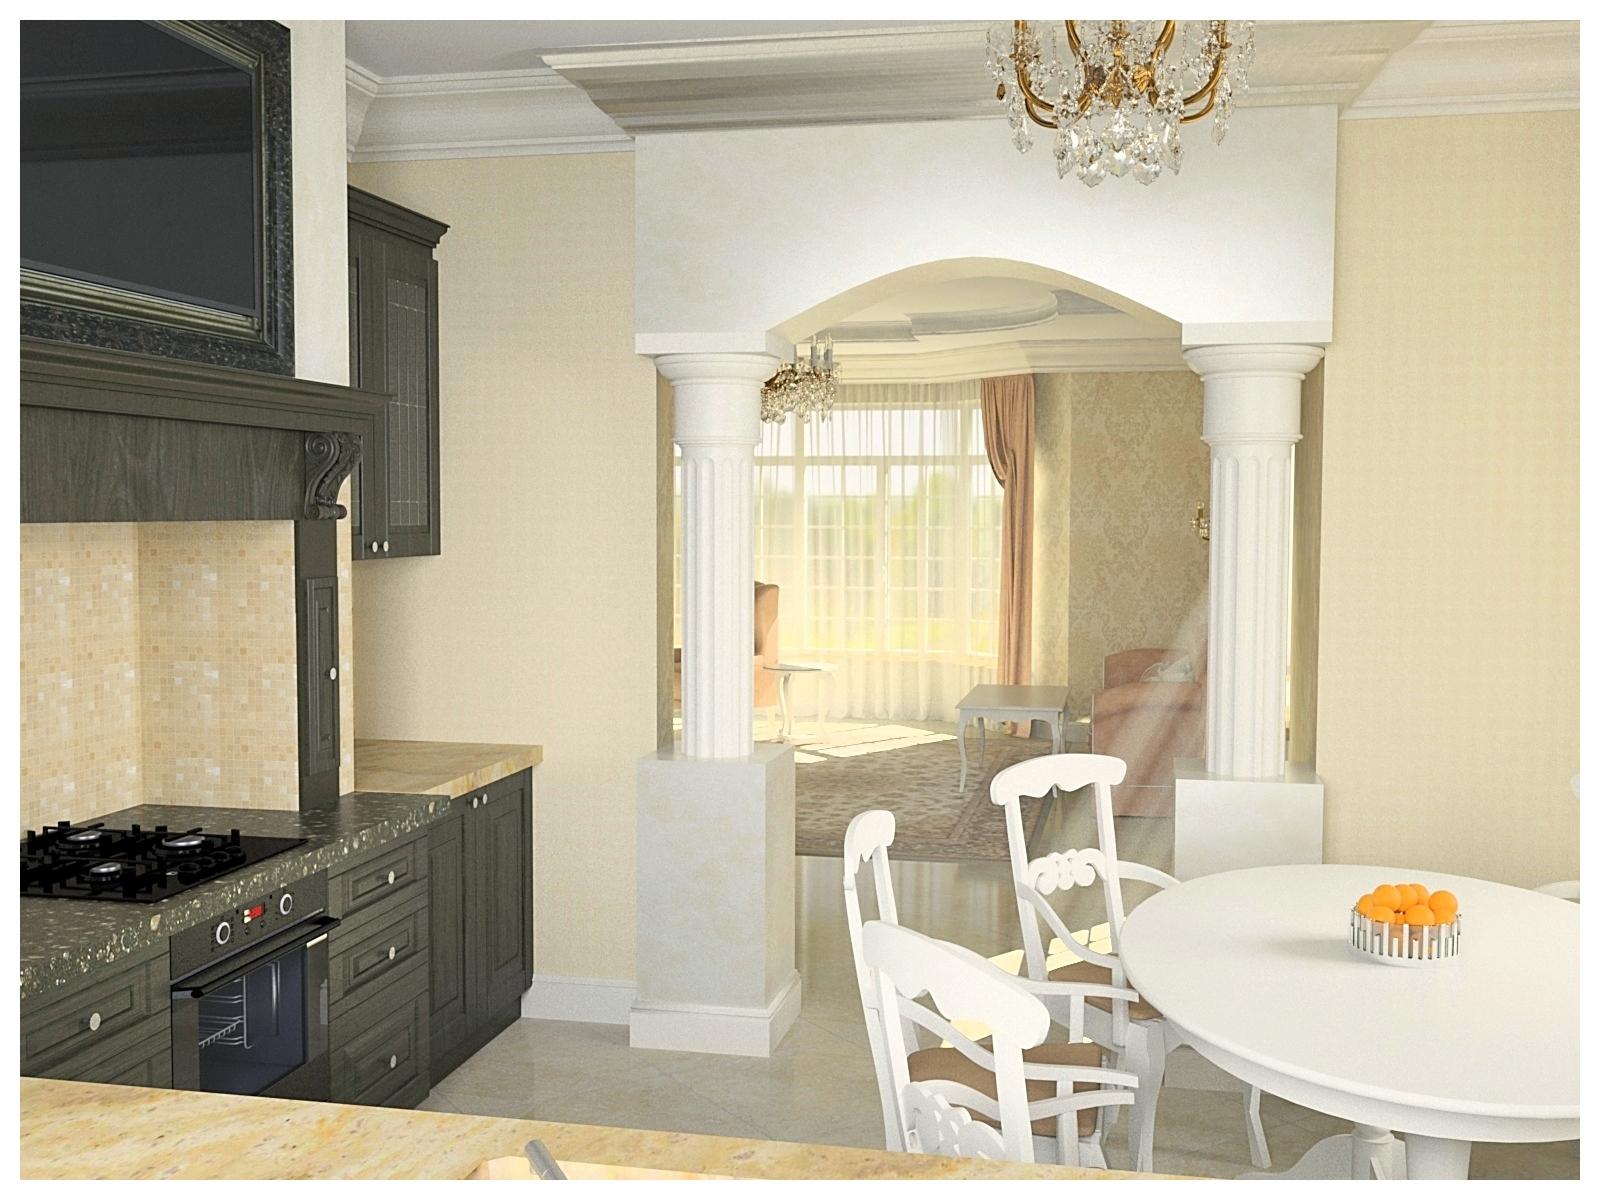 Дизайн интерьеров дома в классическом стиле. Кухня 1.